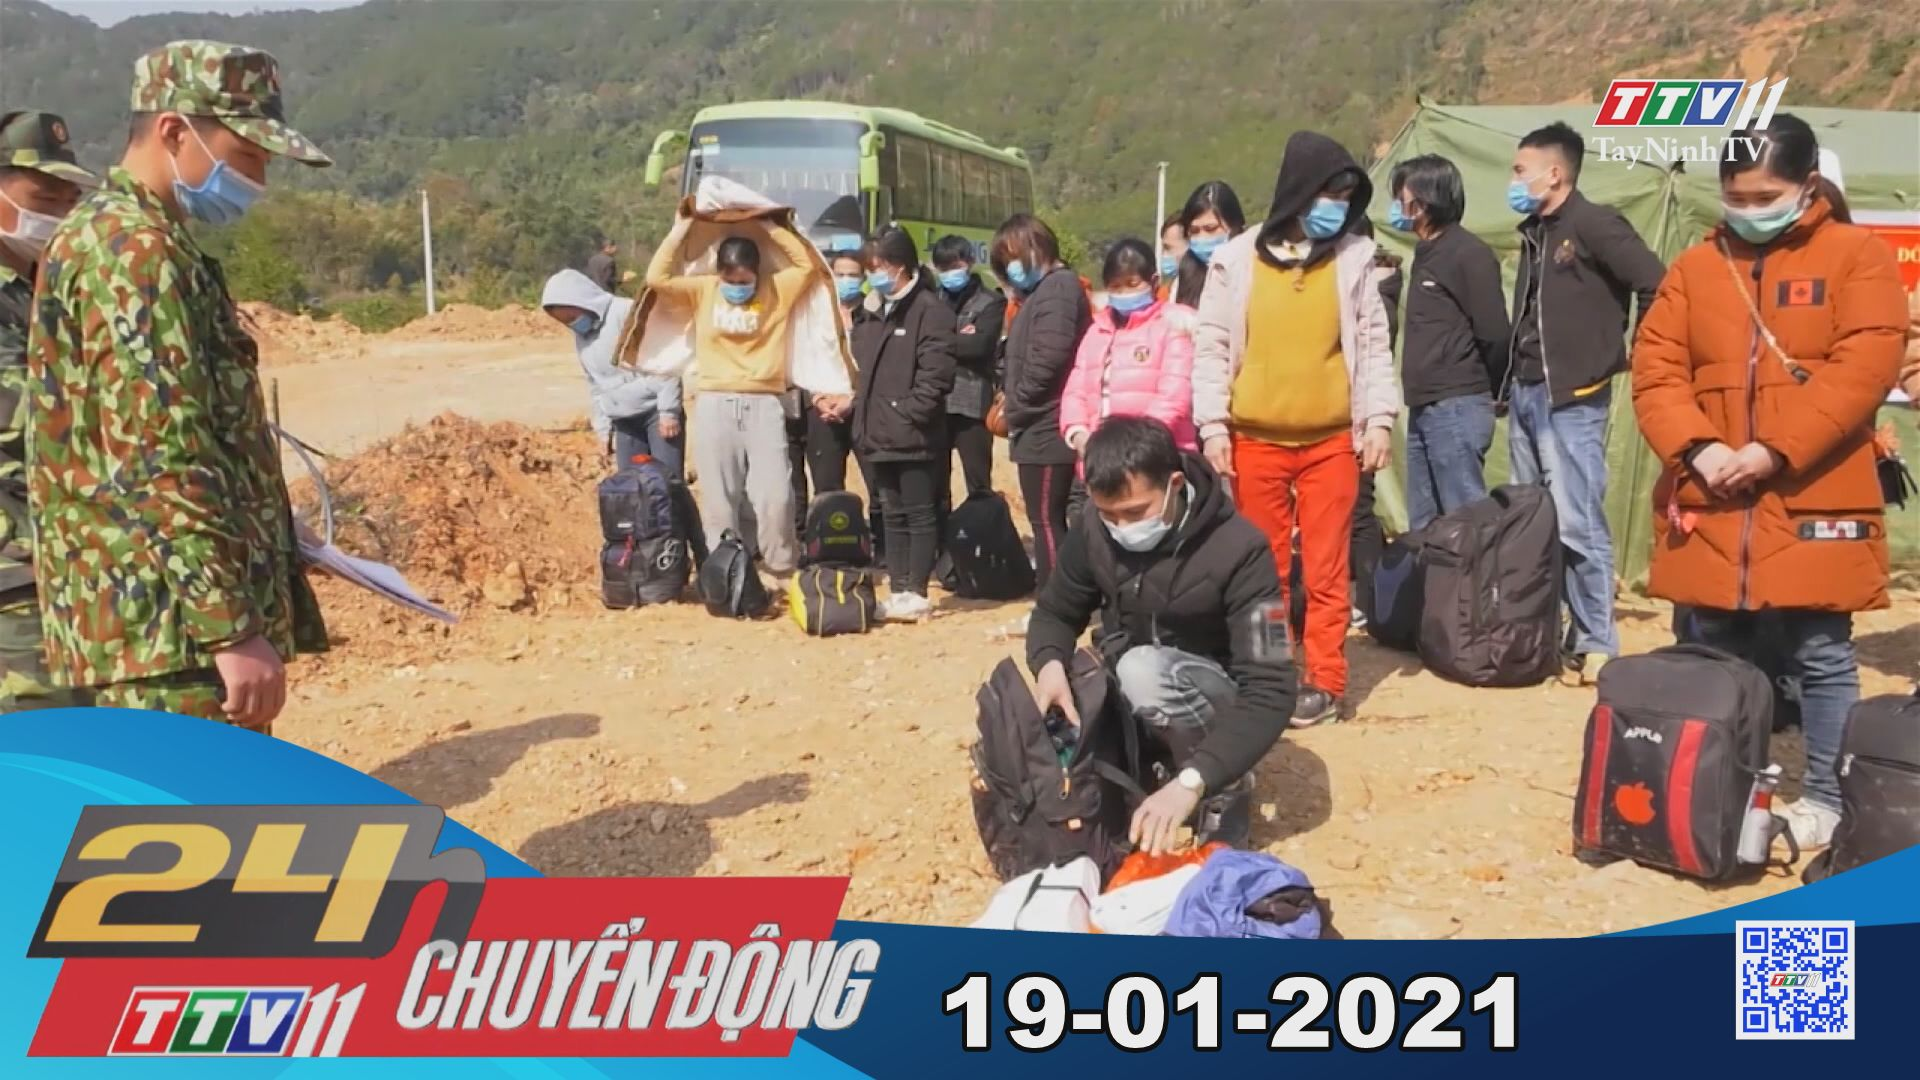 24h Chuyển động 19-01-2021 | Tin tức hôm nay | TayNinhTV